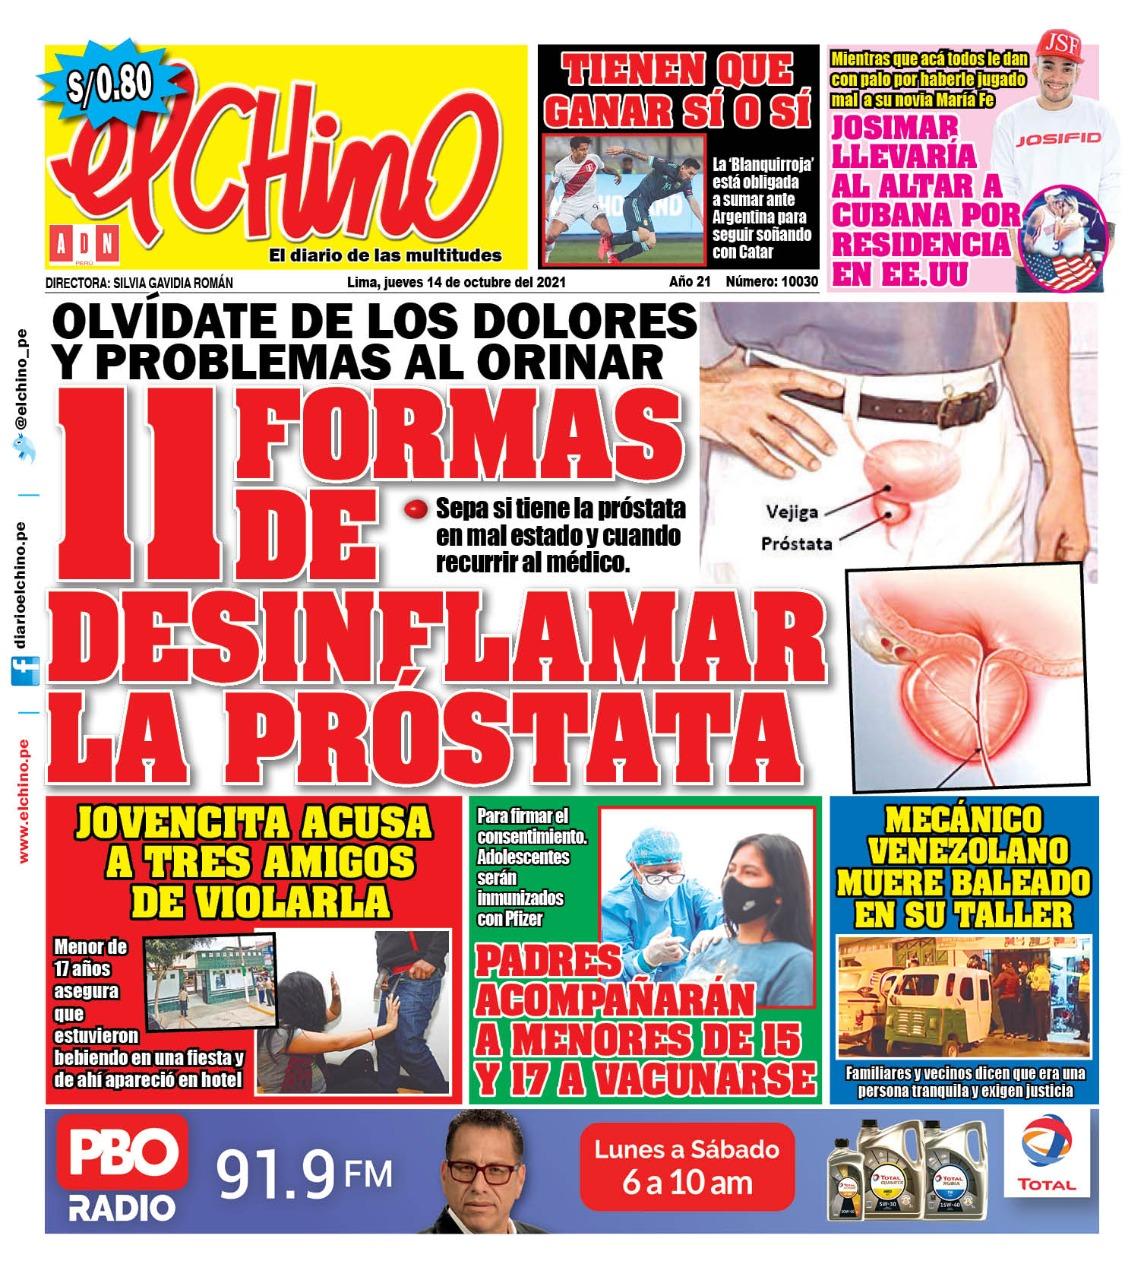 Portada impresa – Diario El Chino (14/10/2021)